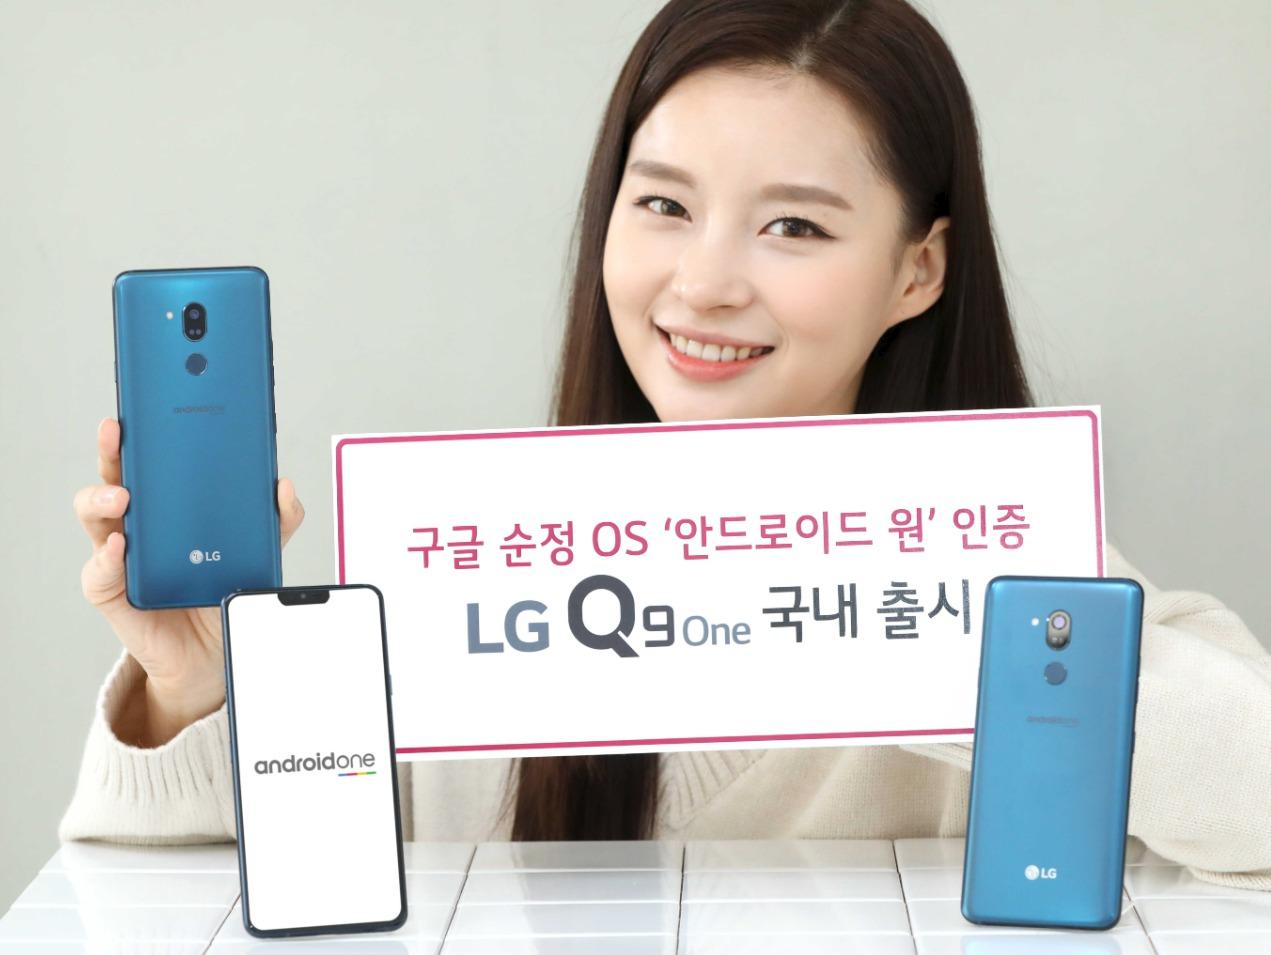 LG Q9 vorgestellt: Highend-Chipsatz und Android One